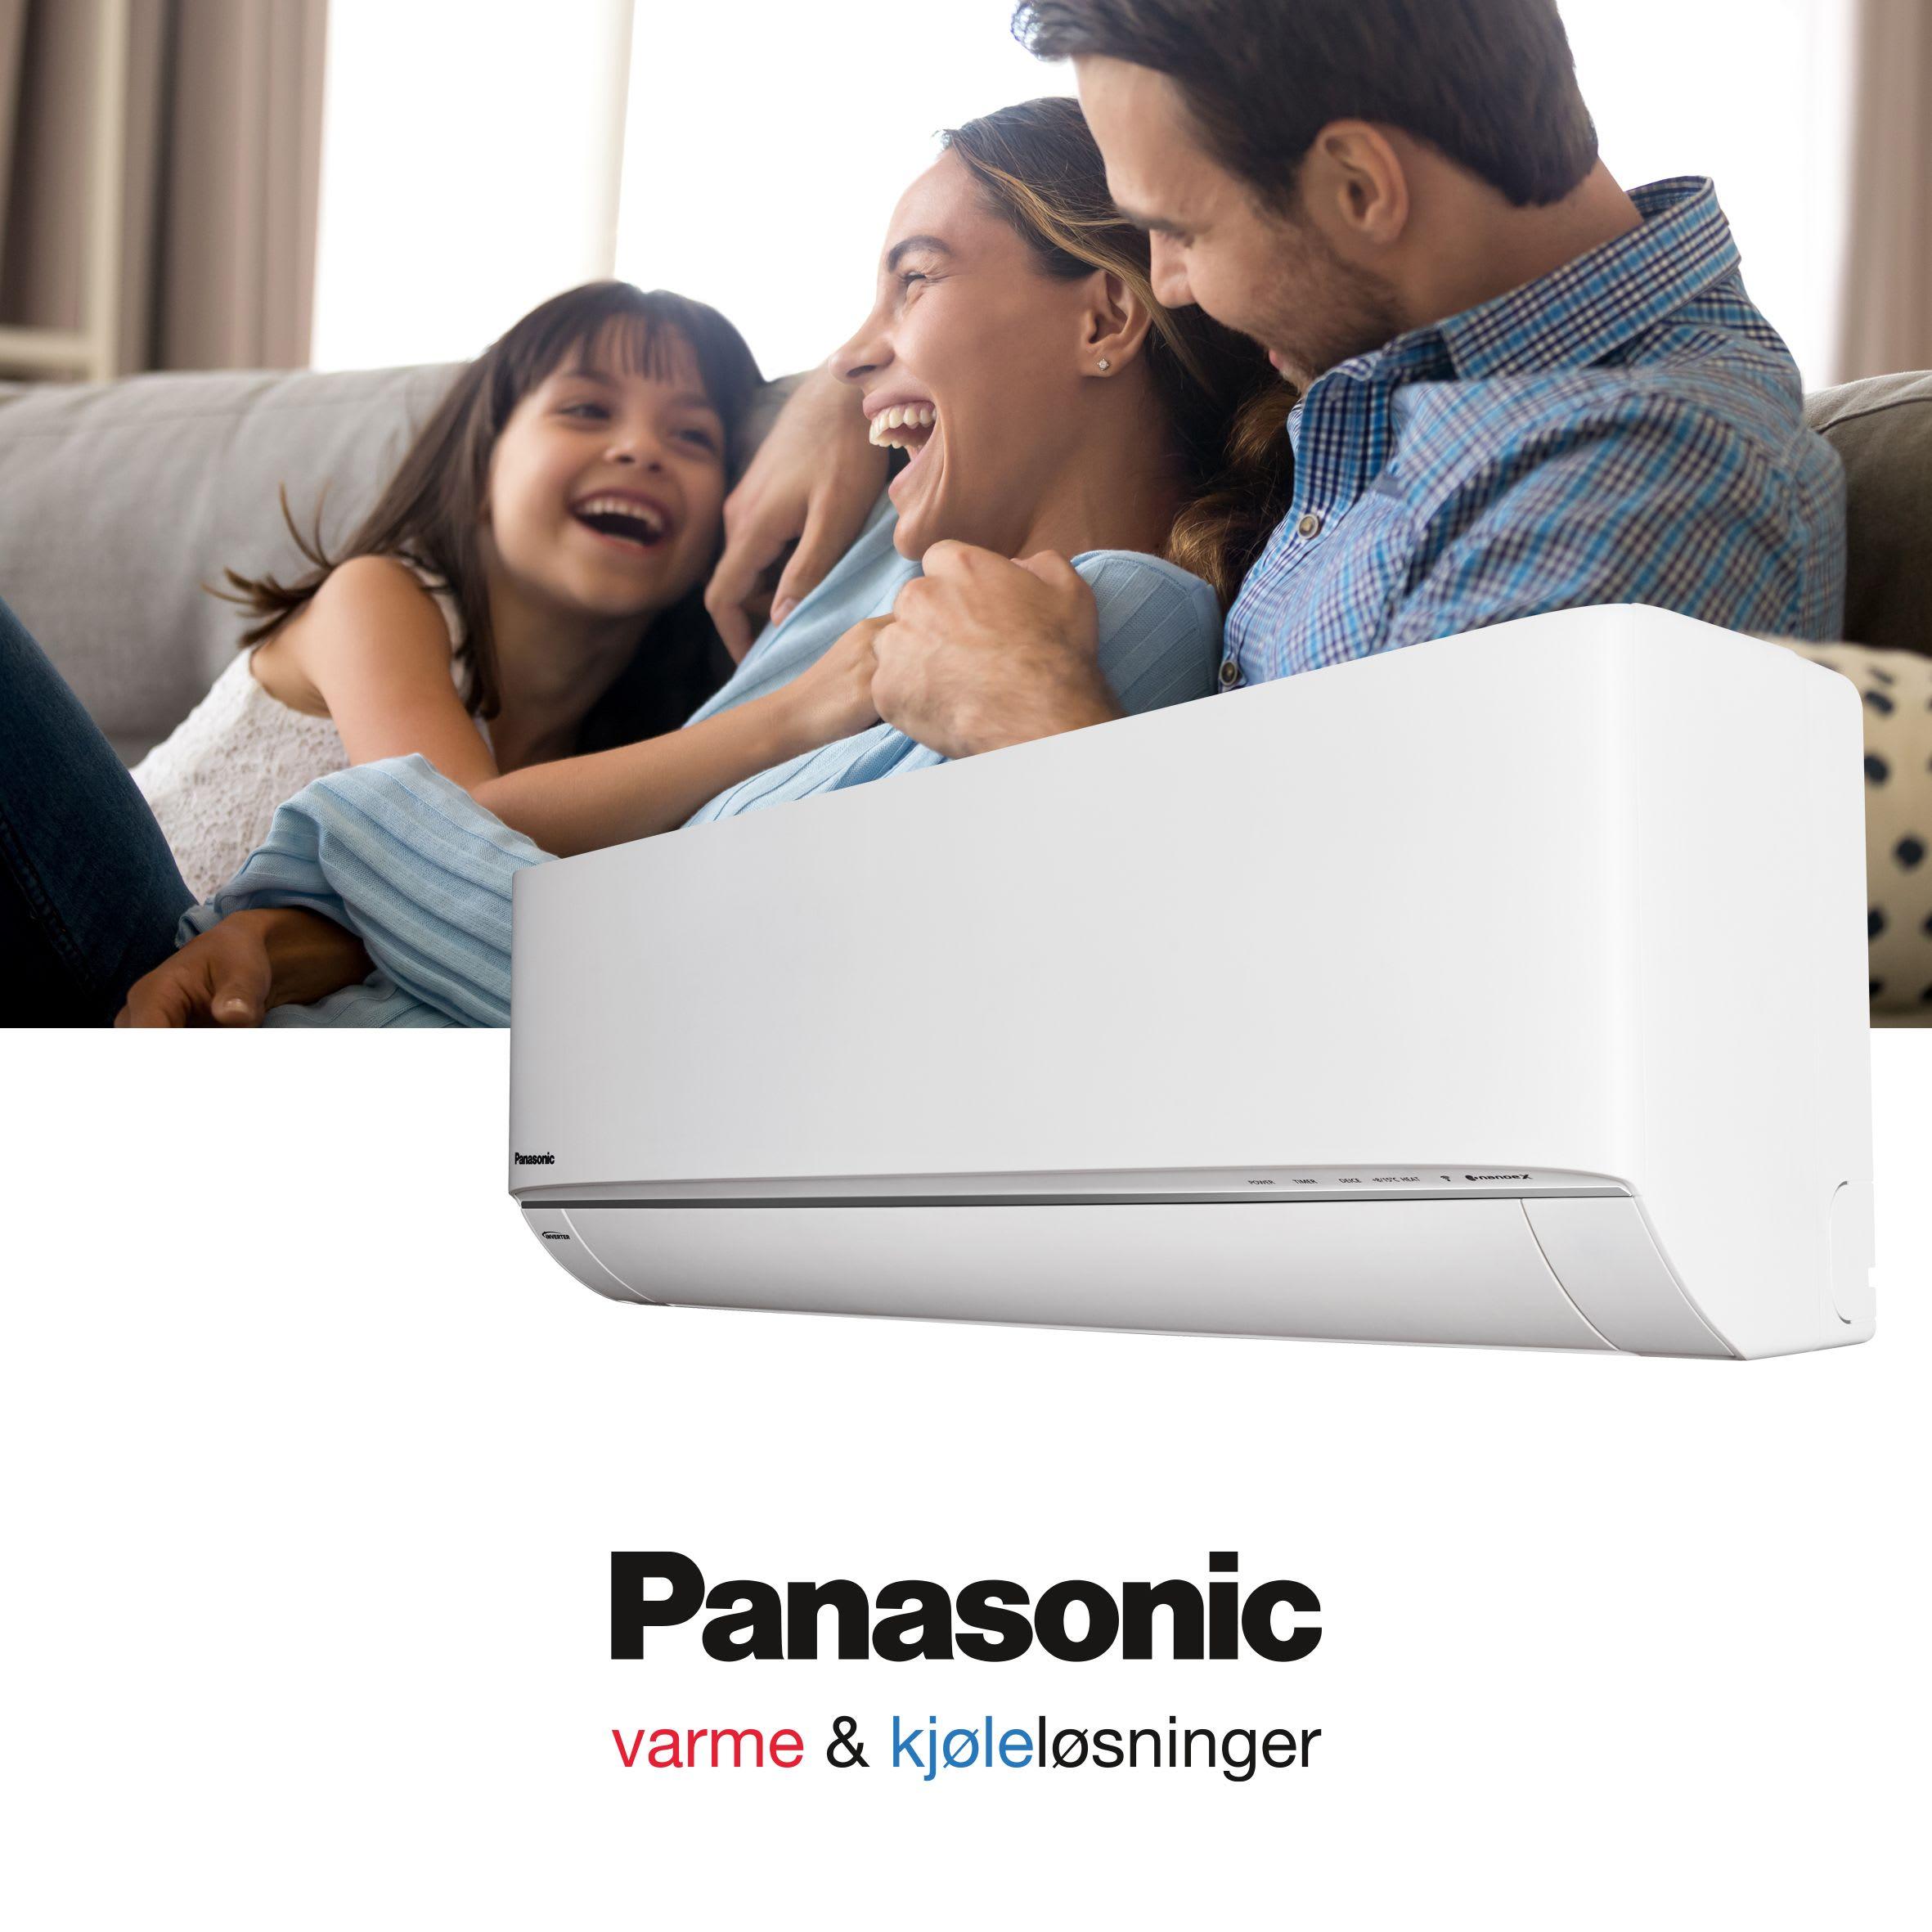 En familie med mor, far og datter ler i en stue med Panasonic varmepumpe.